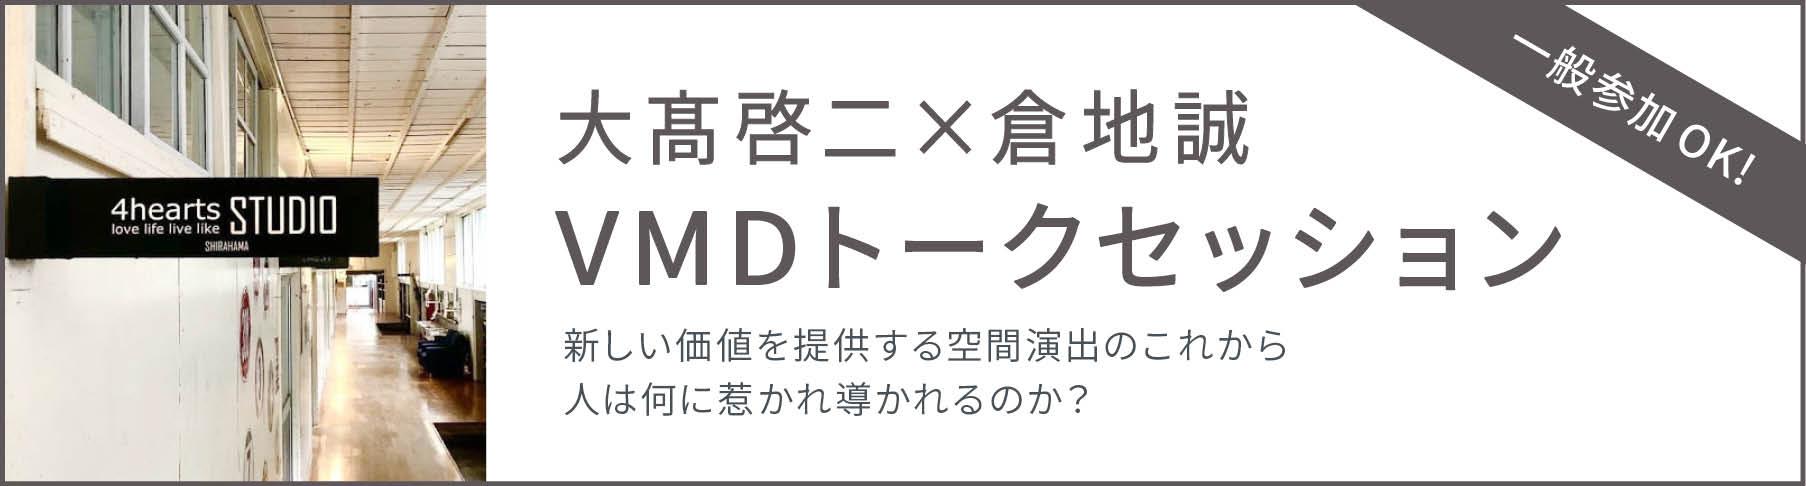 VMDトークセッション